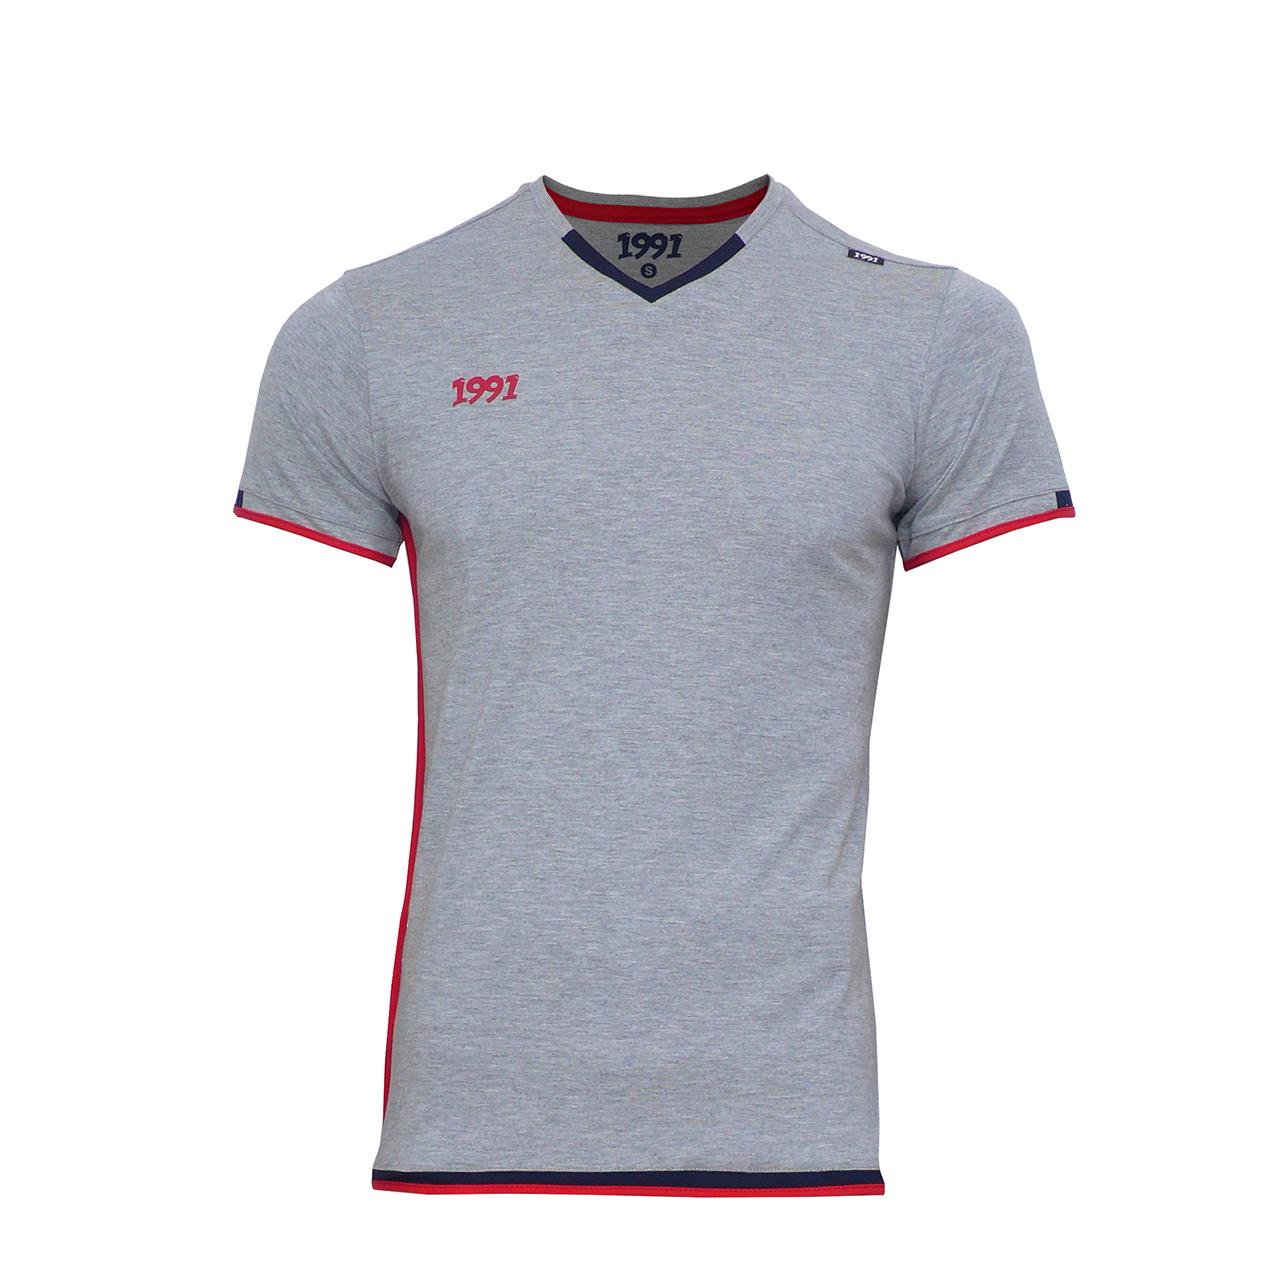 تی شرت مردانه 1991 اس دبلیو مدل Dia Grey